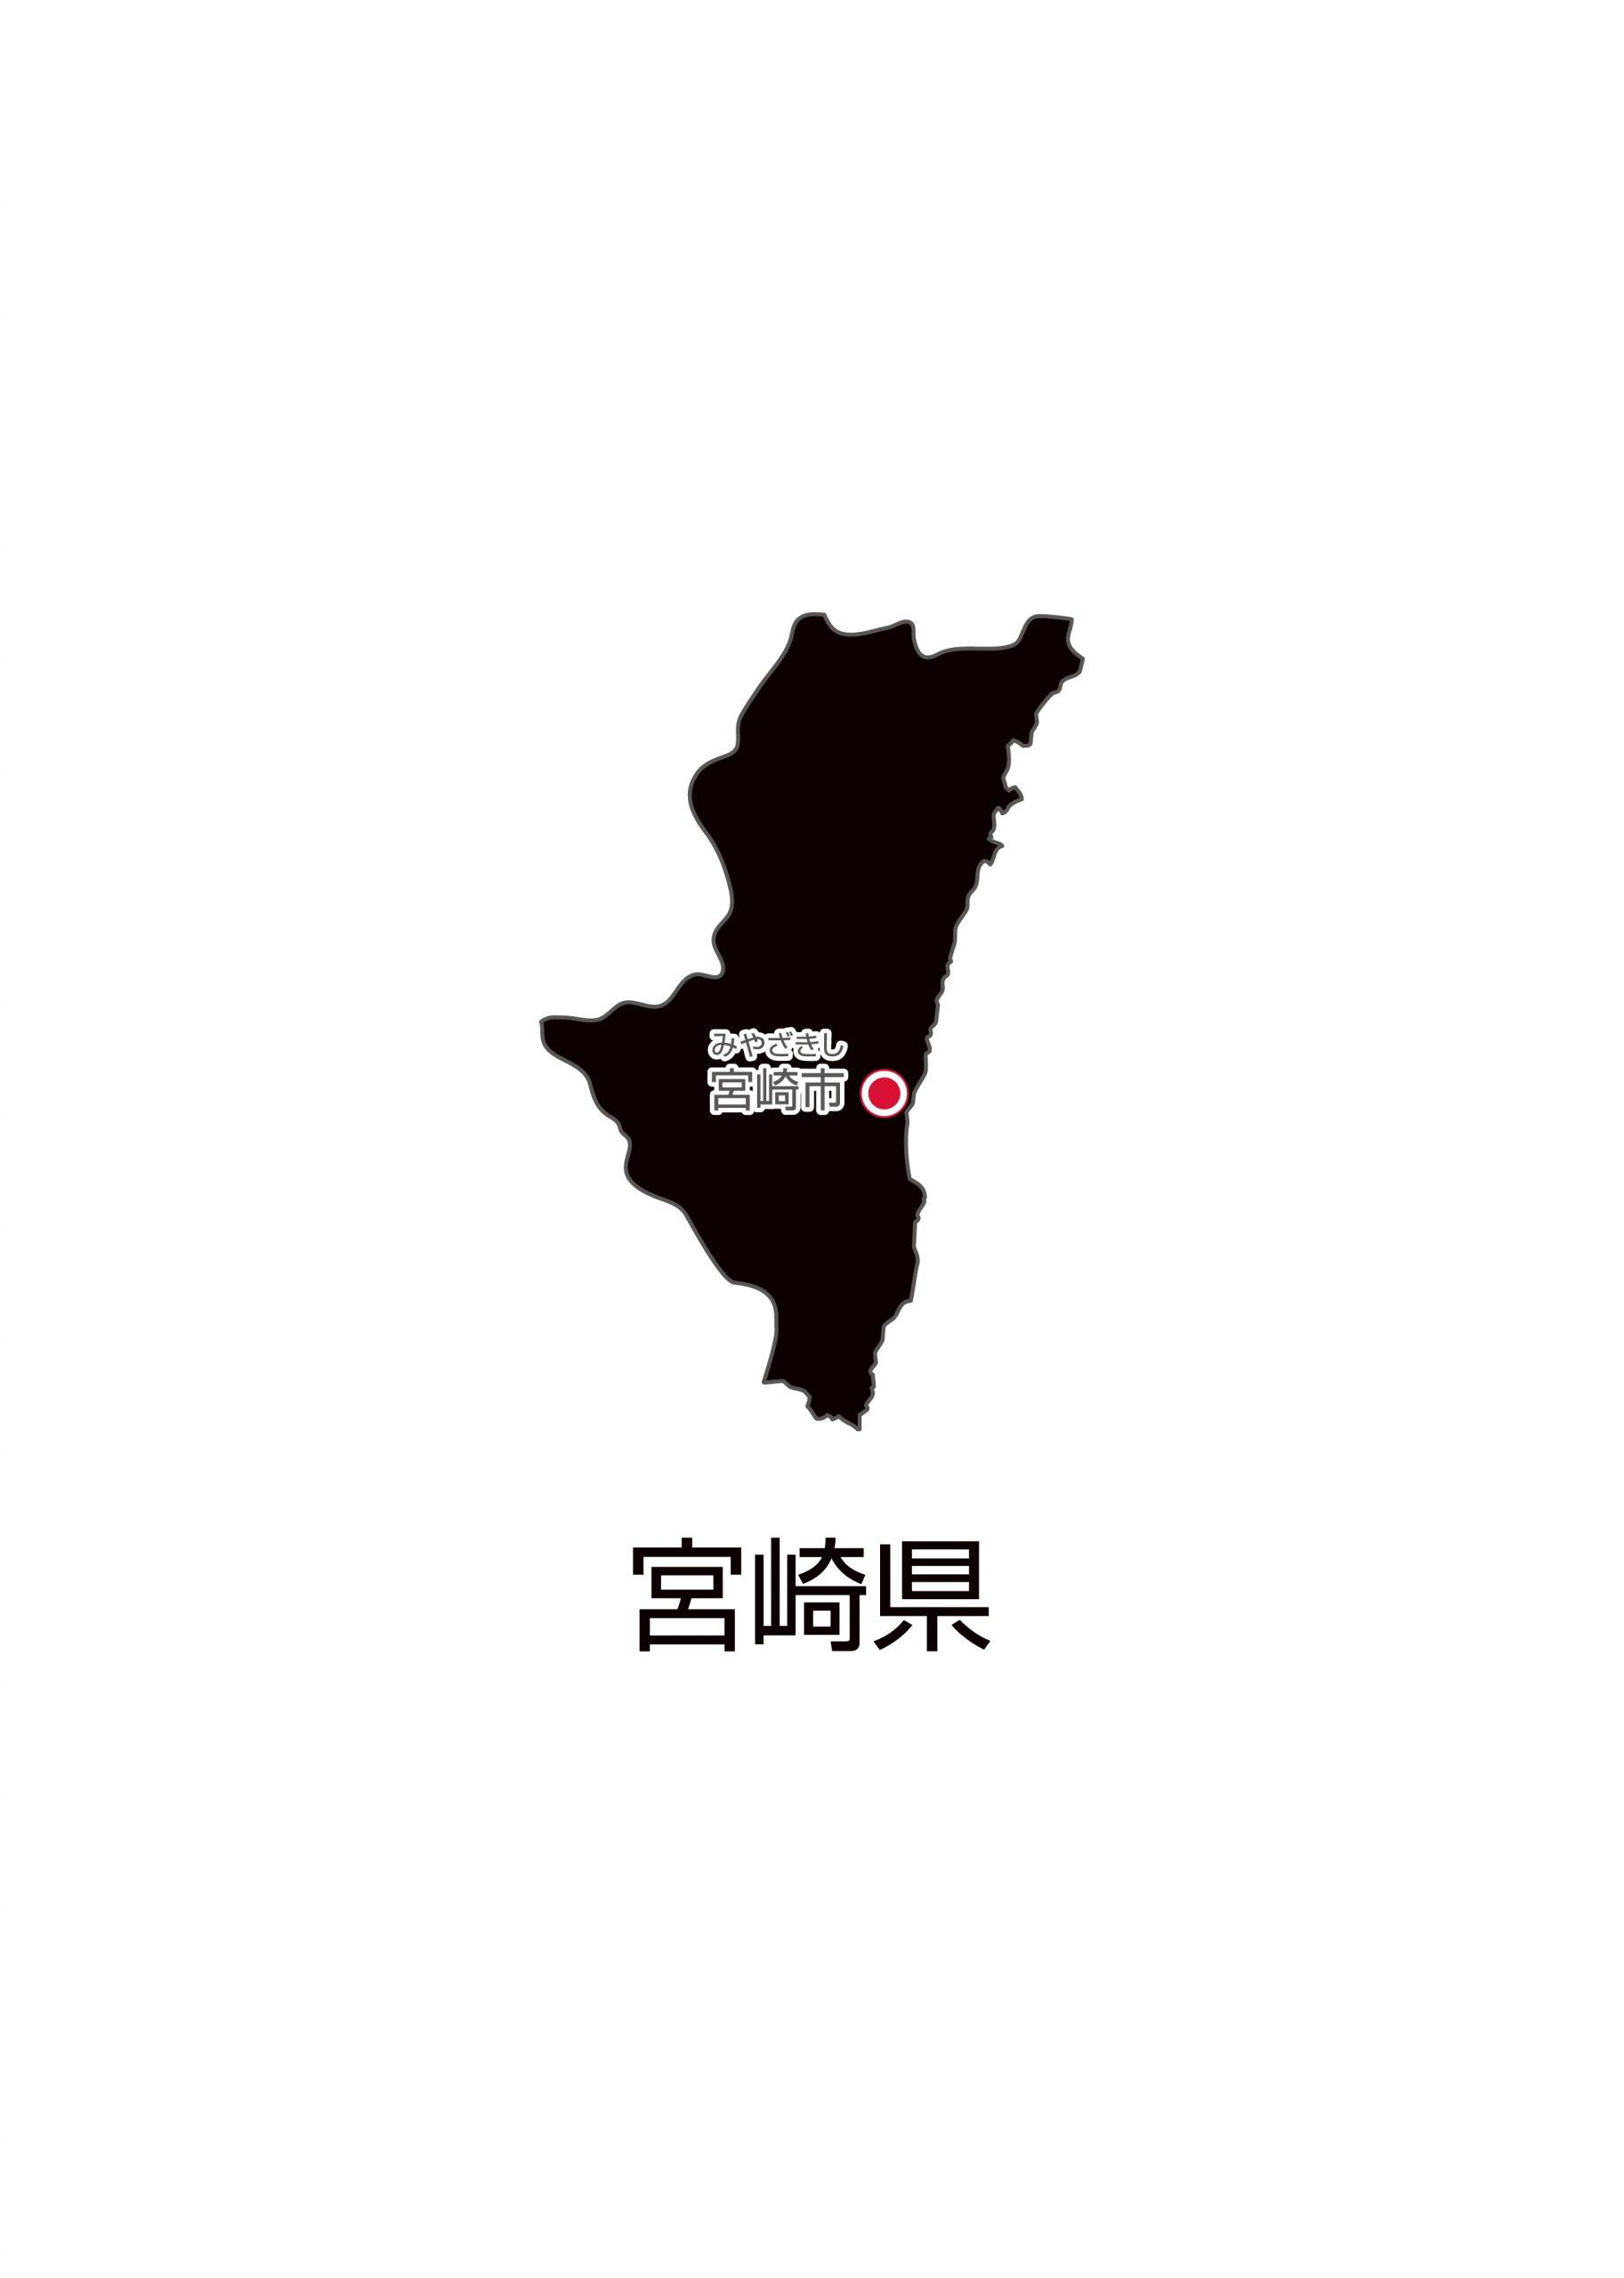 宮崎県無料フリーイラスト|日本語・県庁所在地あり・ルビあり(黒)